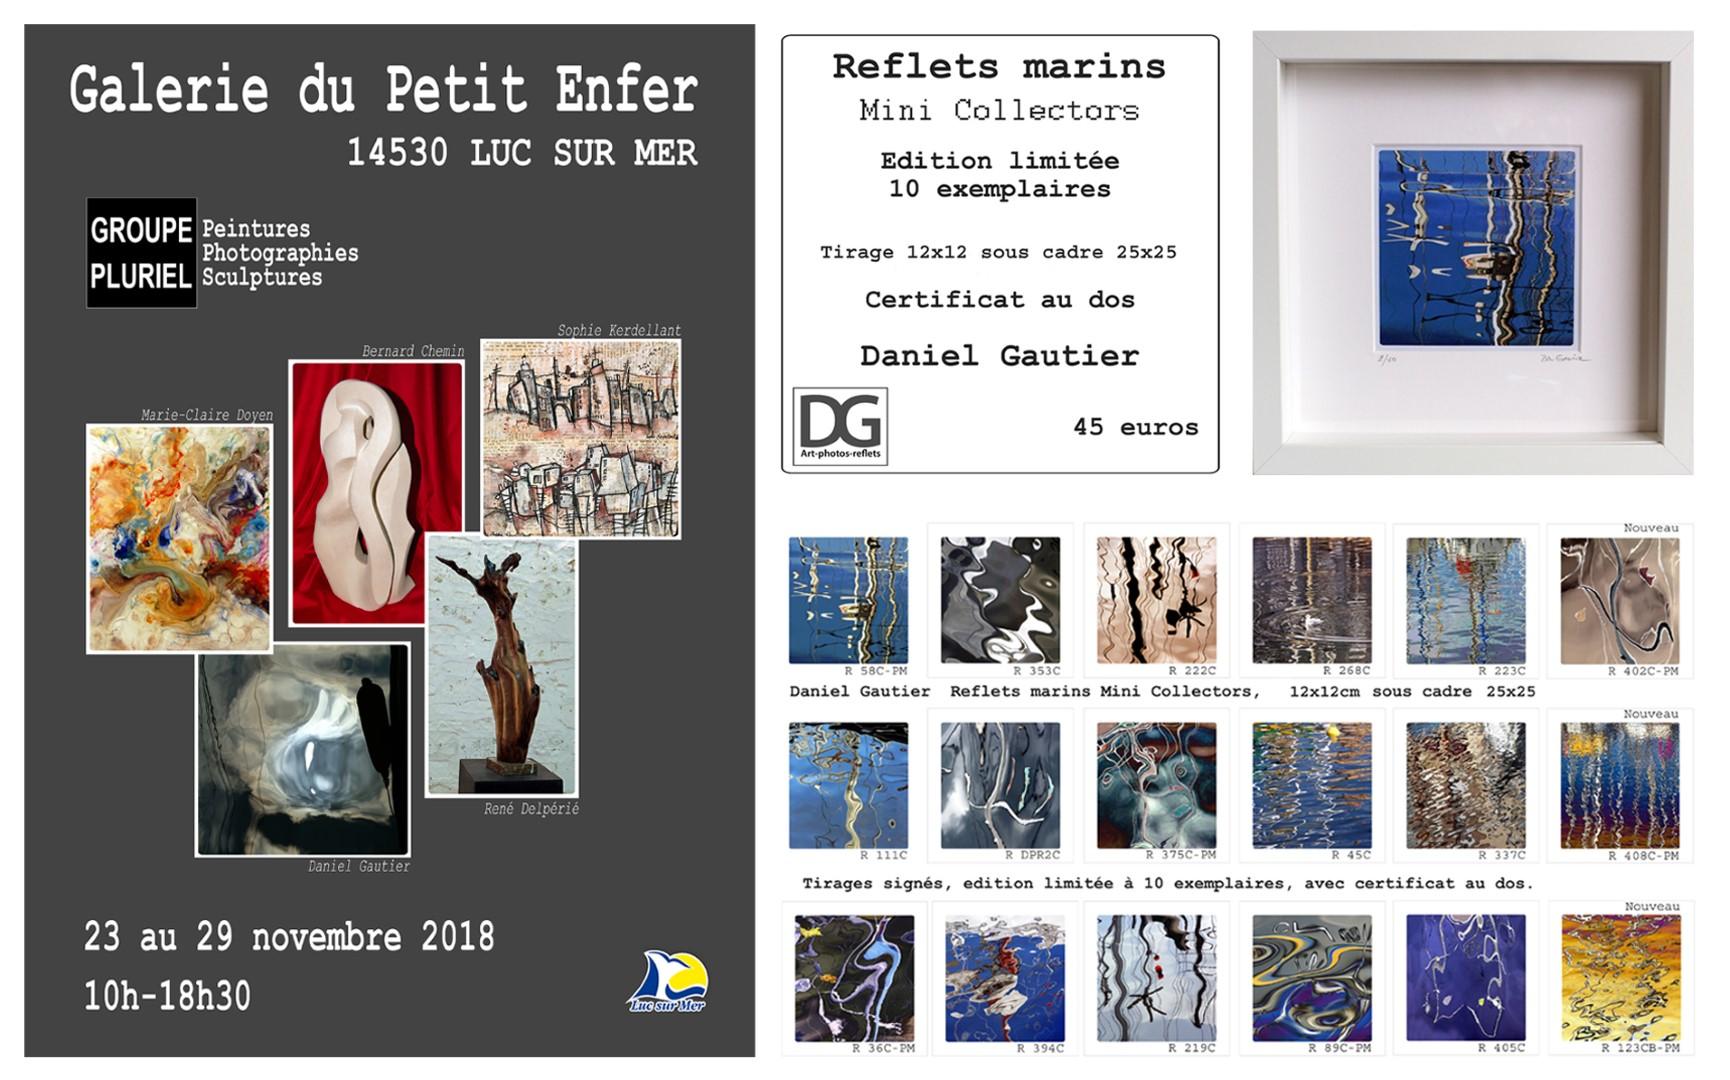 Mini Collectors + affiche groupe pluriel Luc sur mer 2018 (Grand).jpg